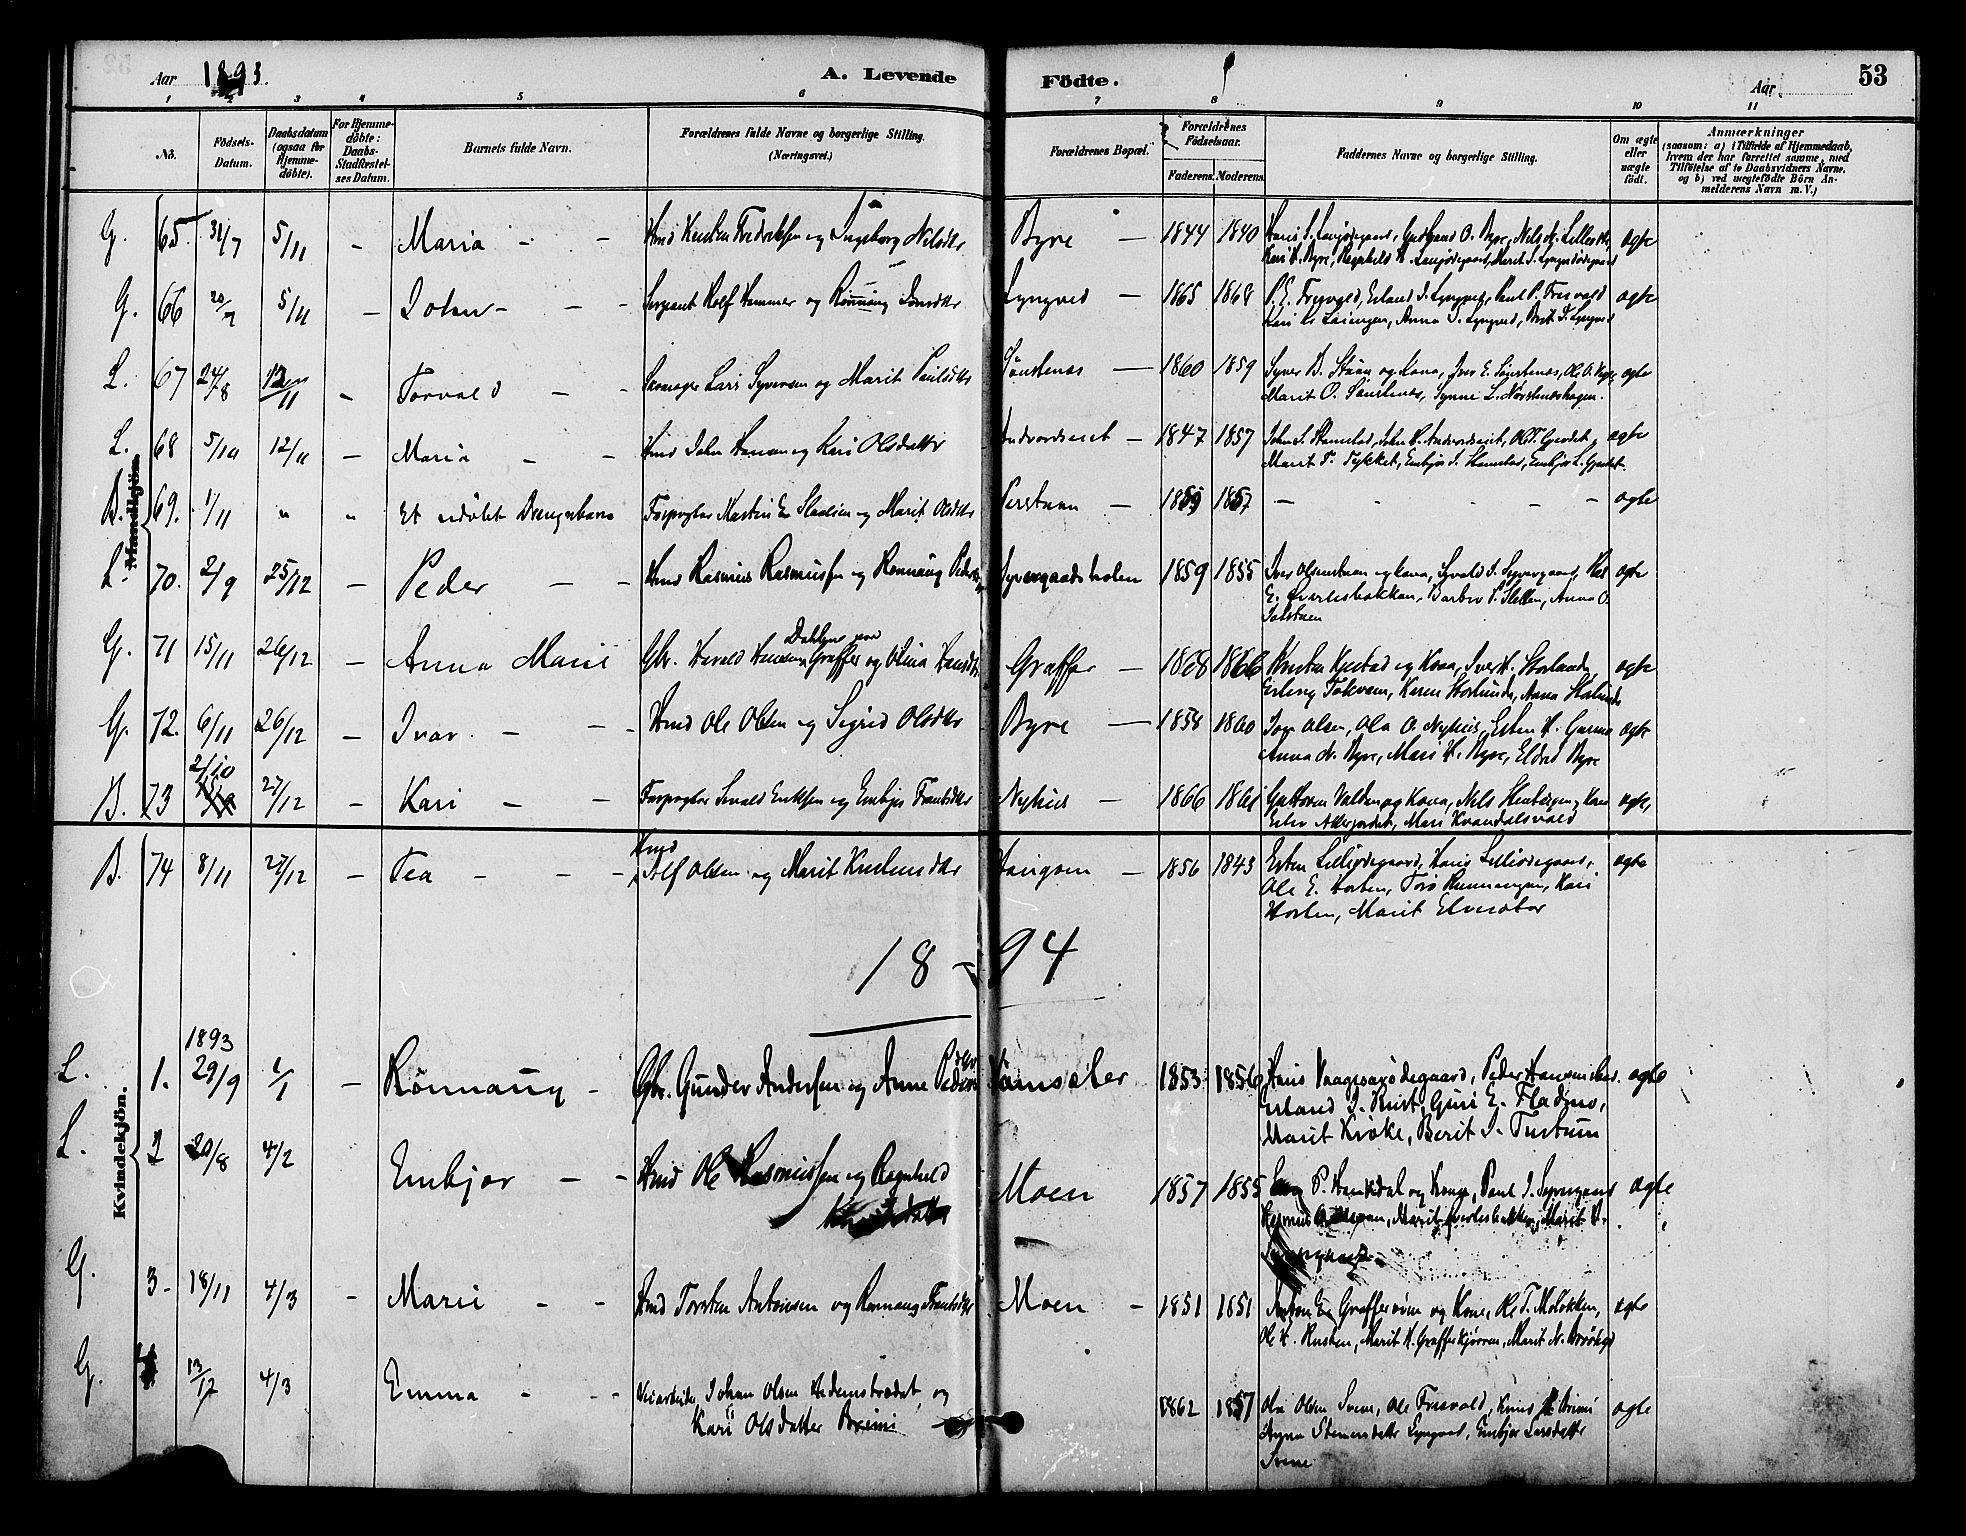 SAH, Lom prestekontor, K/L0008: Ministerialbok nr. 8, 1885-1898, s. 53